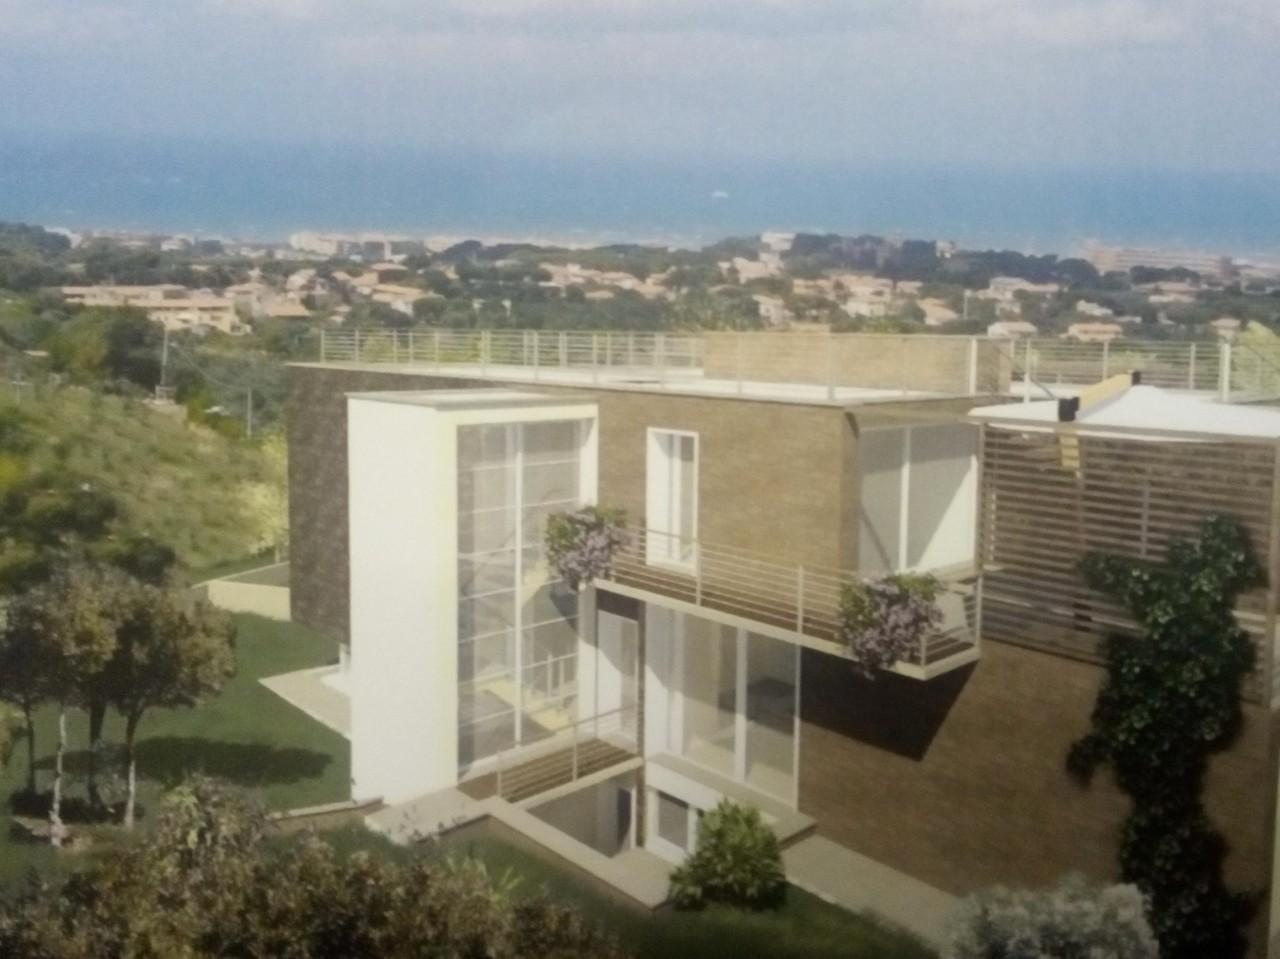 livorno vendita quart: montenero agenzia studio tecnico immobiliare & c s.a.s.